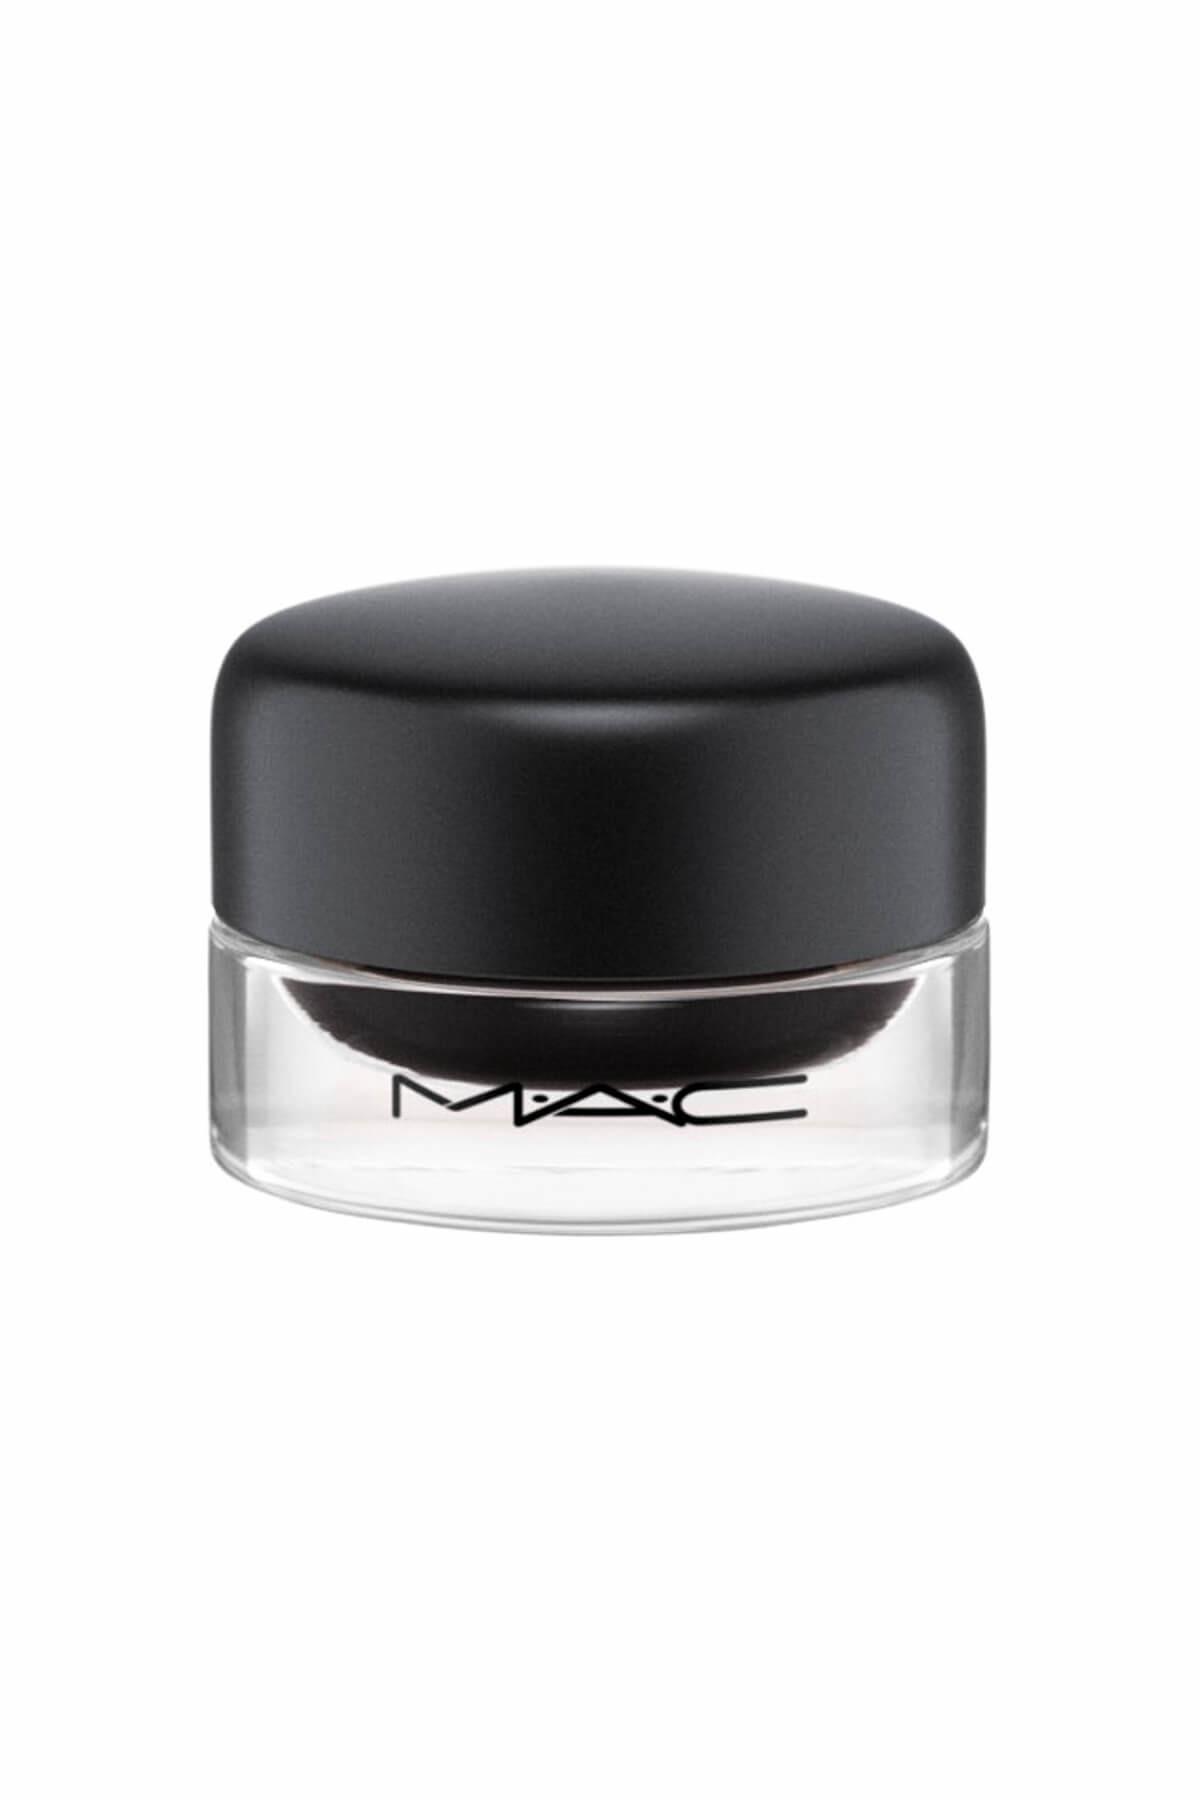 M.A.C Jel Eyeliner - Fluidline Blacktrack 3 g 773602397778 1